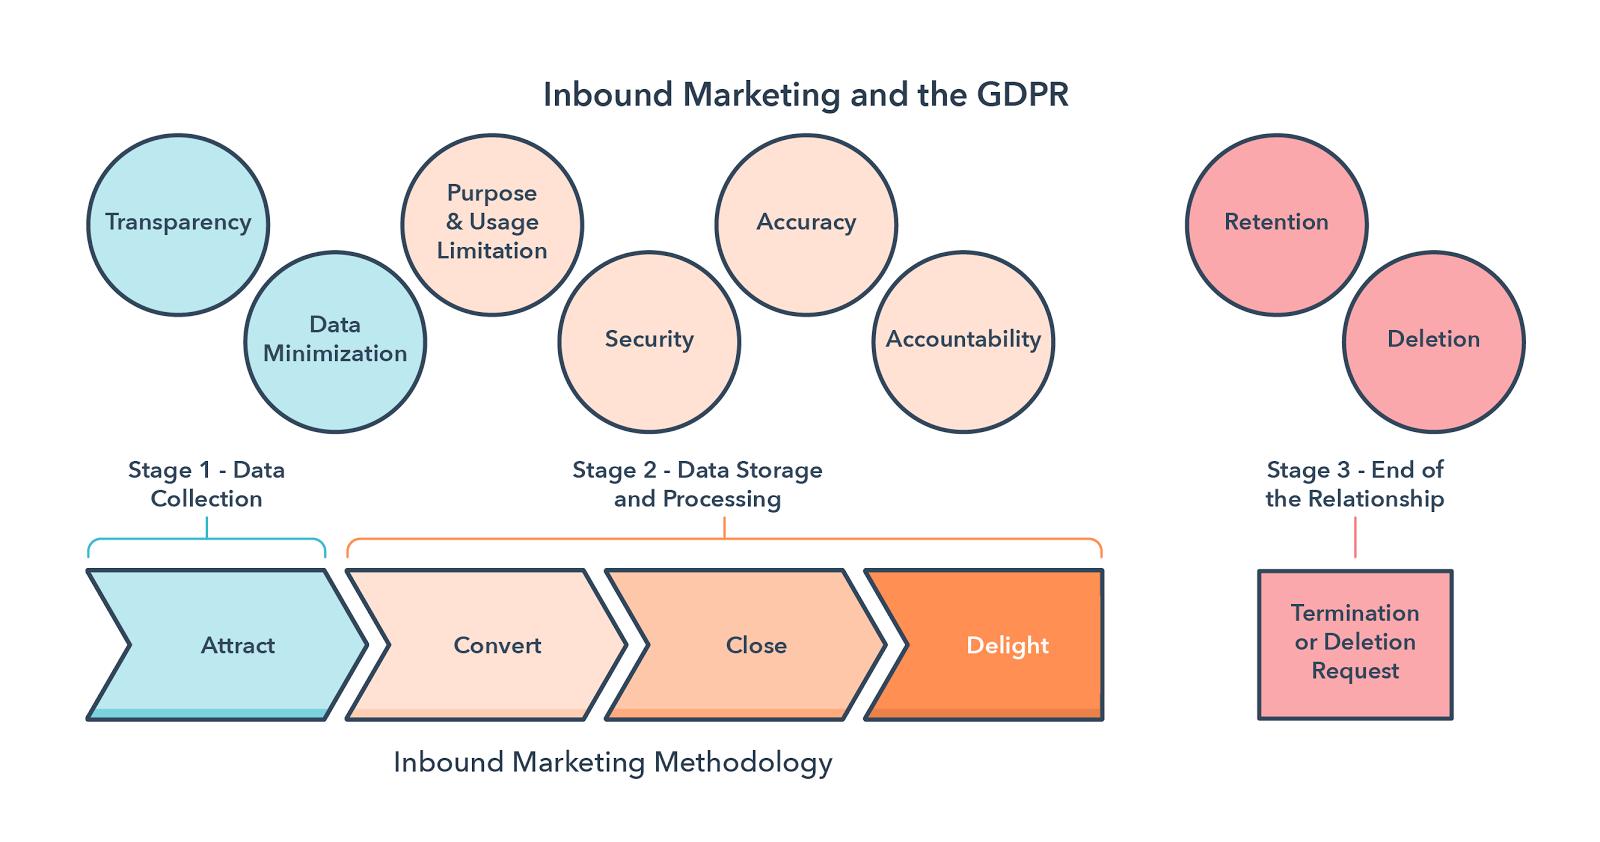 Inbound Marketing and the GDPR - HubSpot